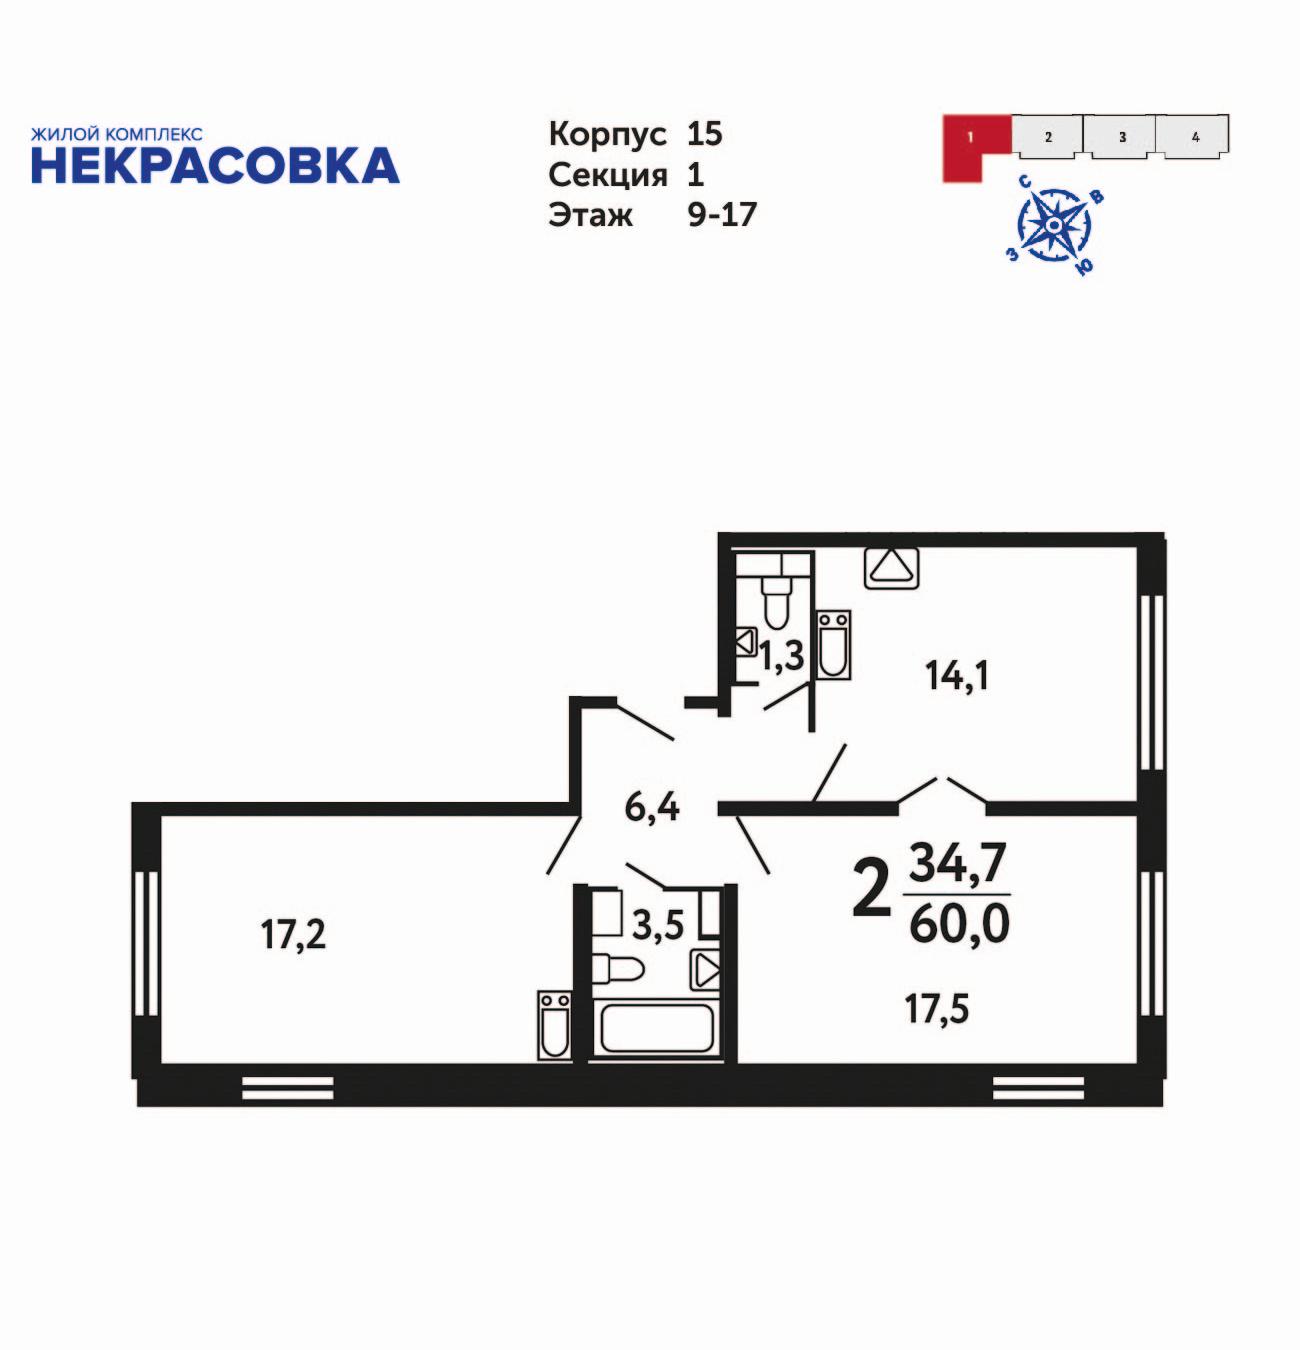 2-комнатная квартира, 60м² за 7,3 млн руб.